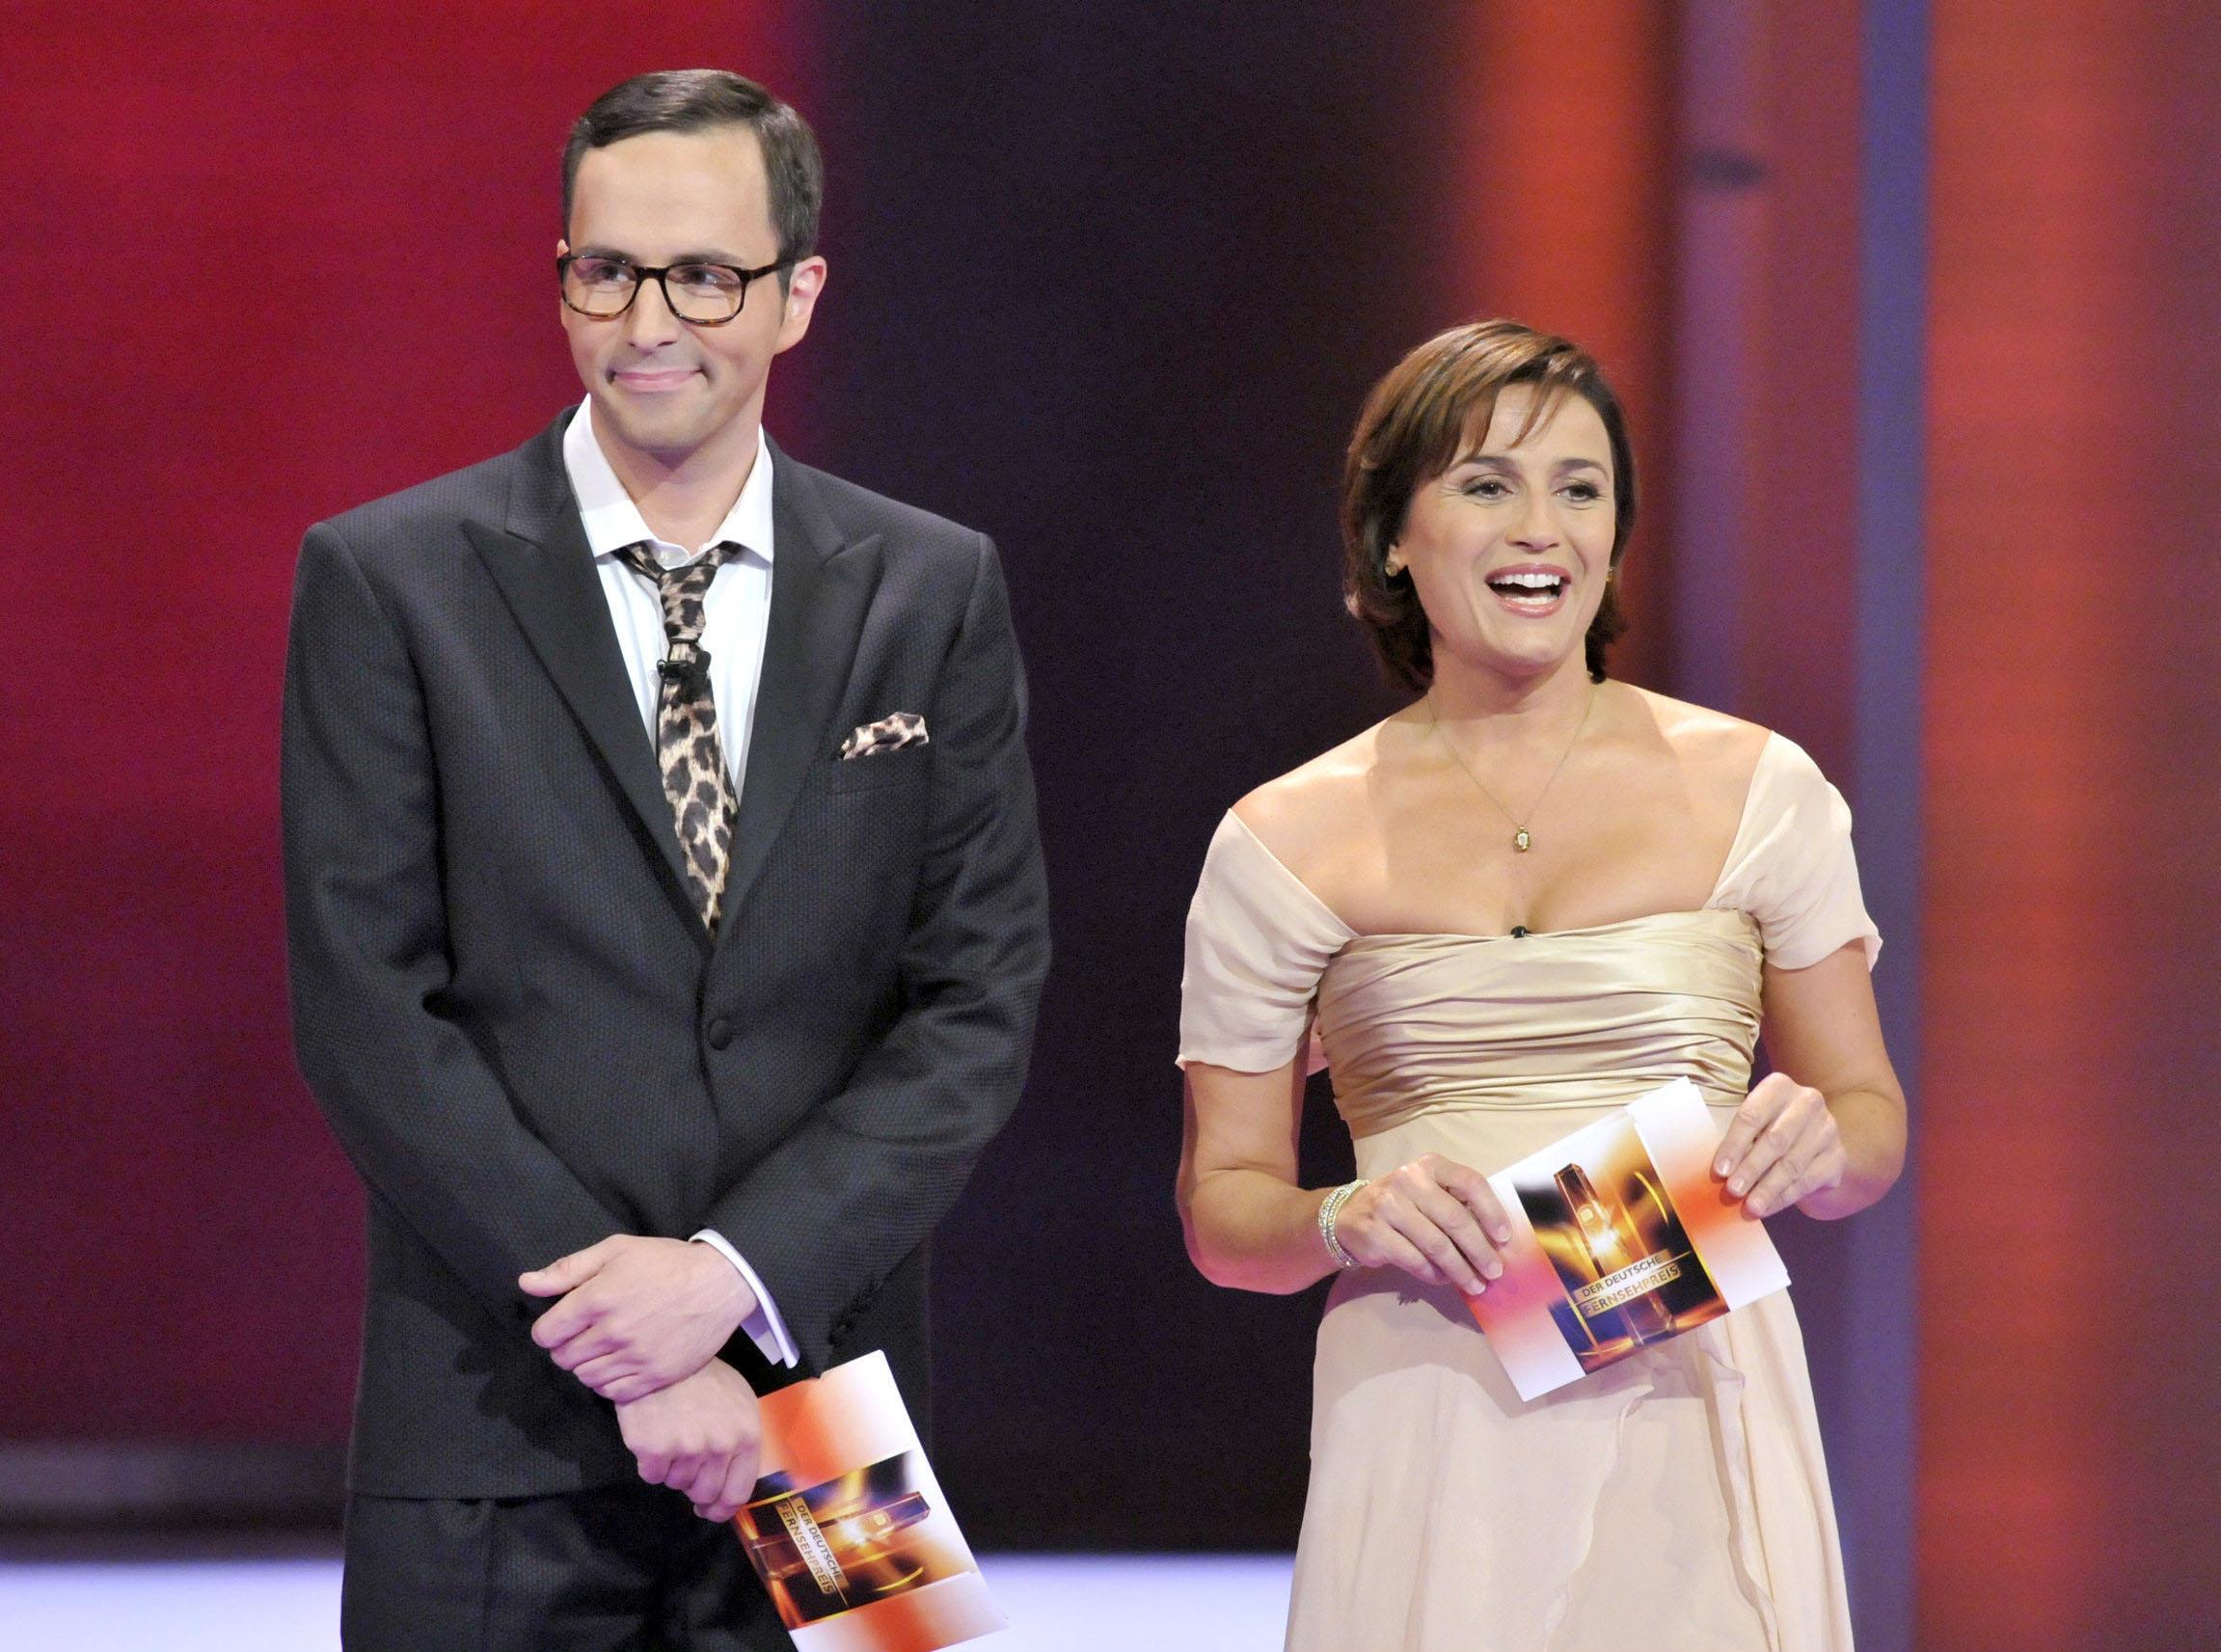 Die Moderatoren des 12. Fernsehpreises: Sandra Maischberger und Kurt Krömer